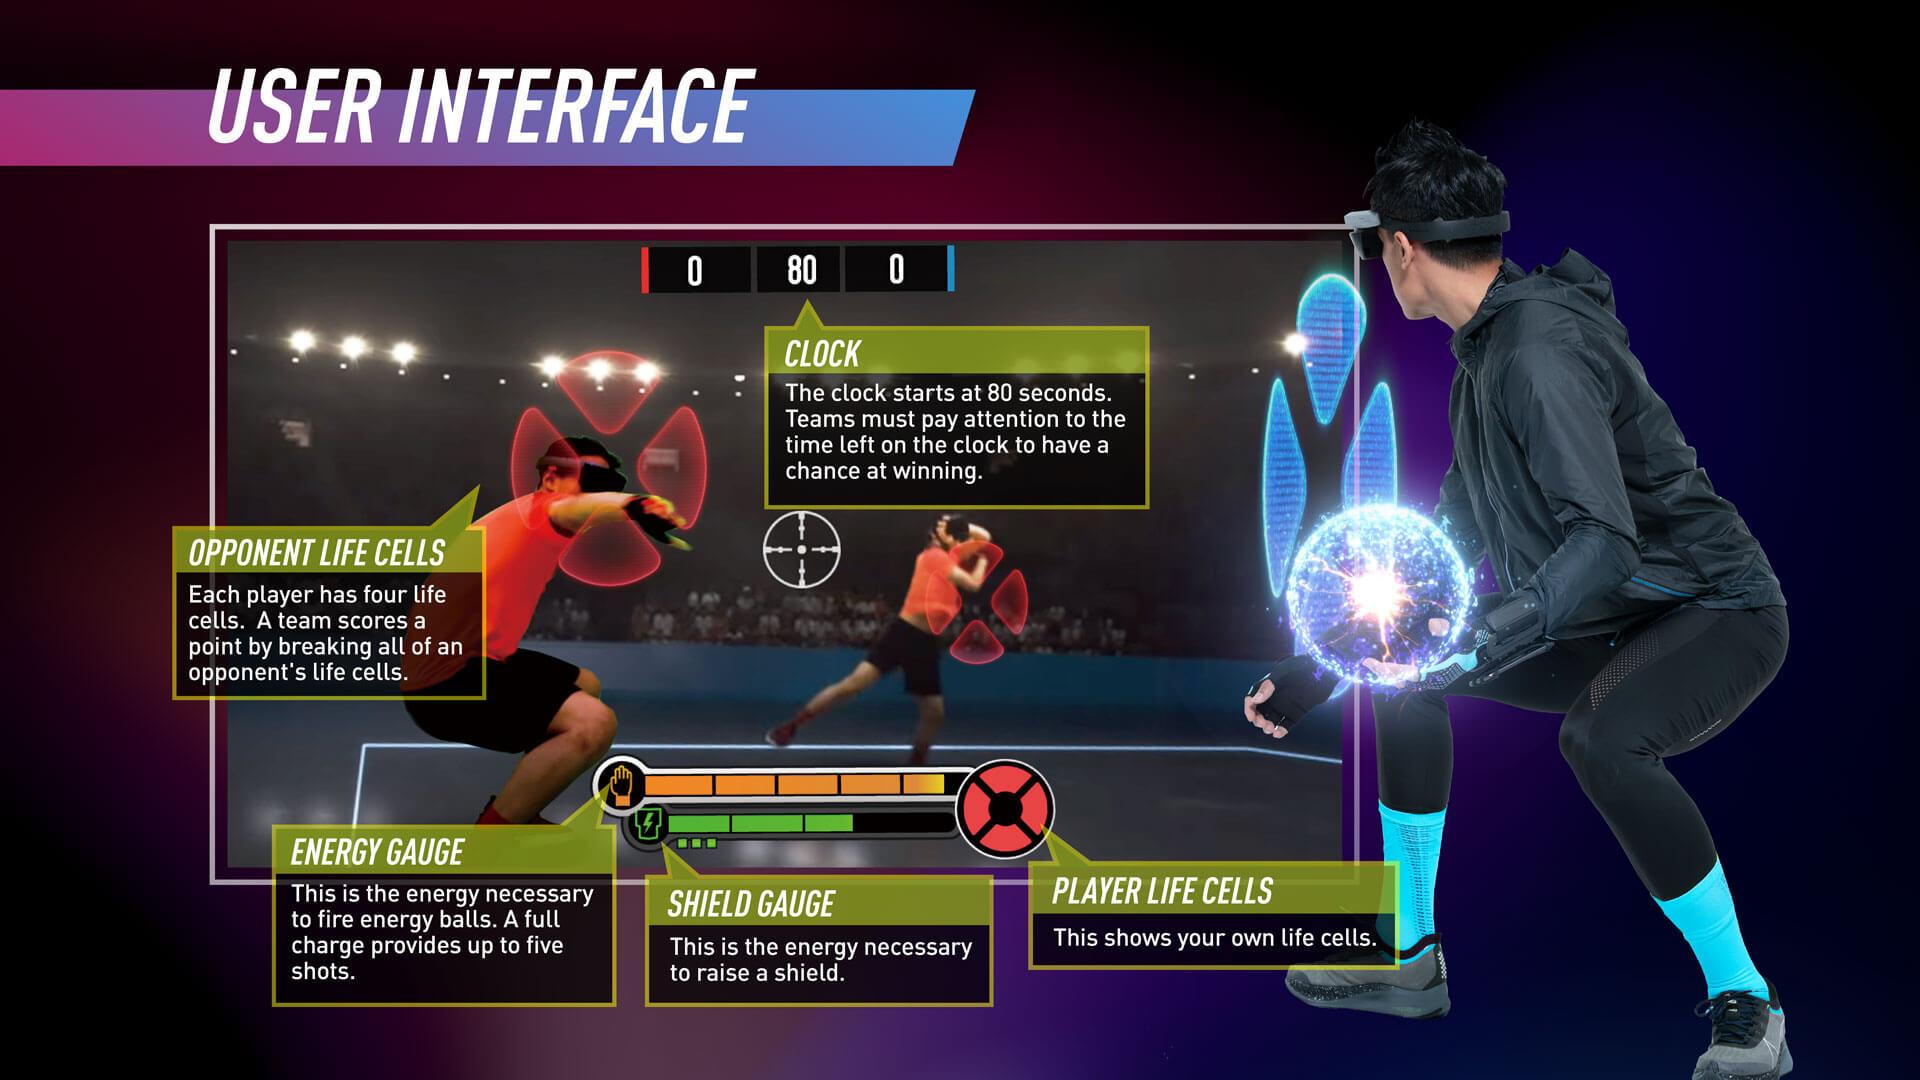 seccion-guia-interface